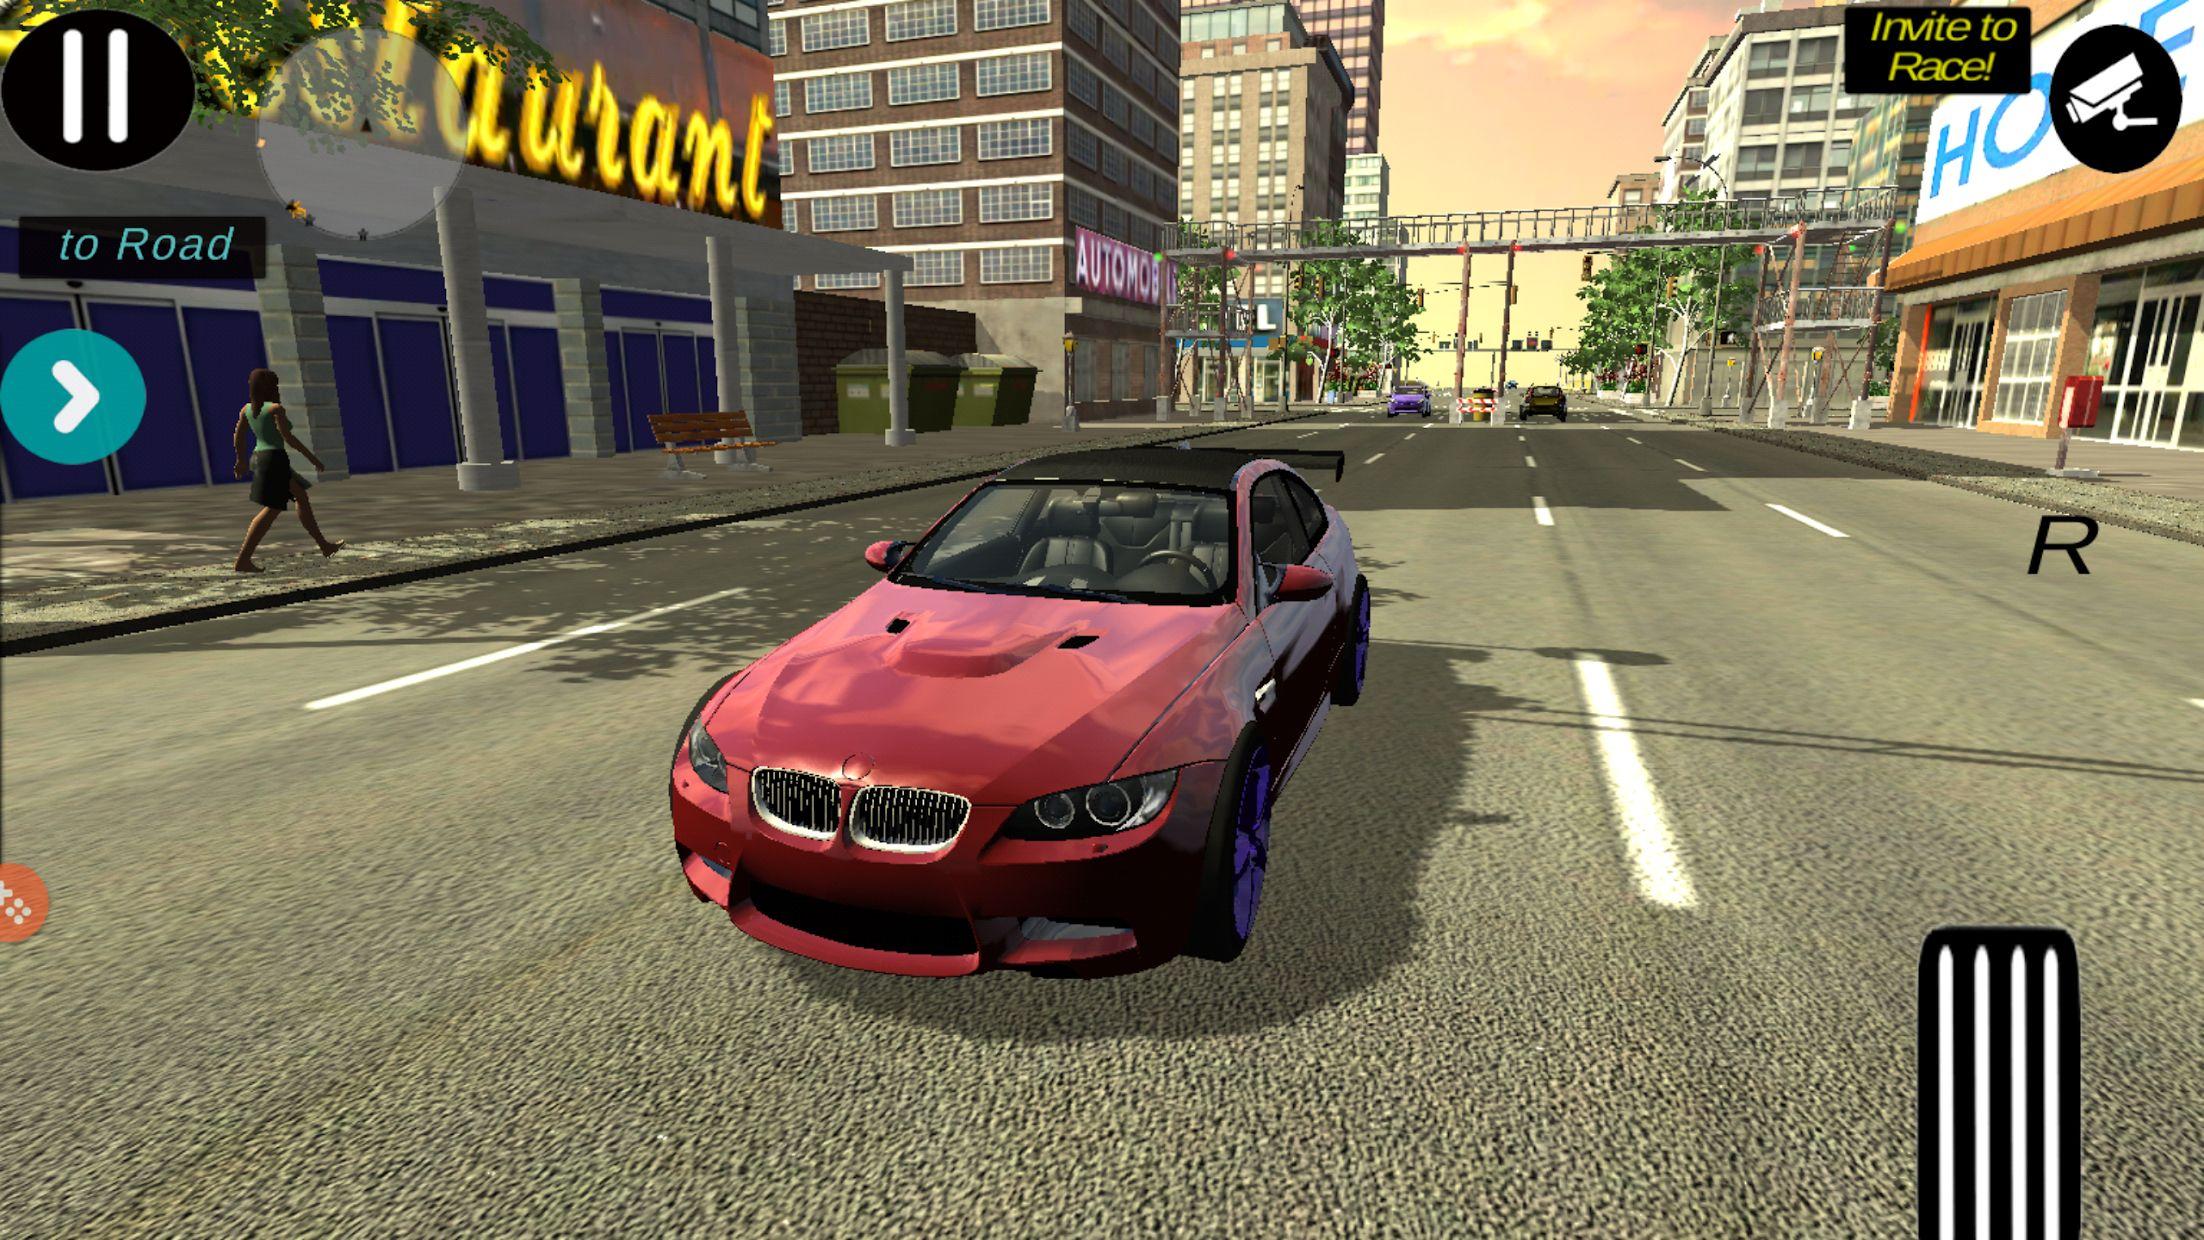 手动挡停车场 联机版(Car Parking Multiplayer) 游戏截图2